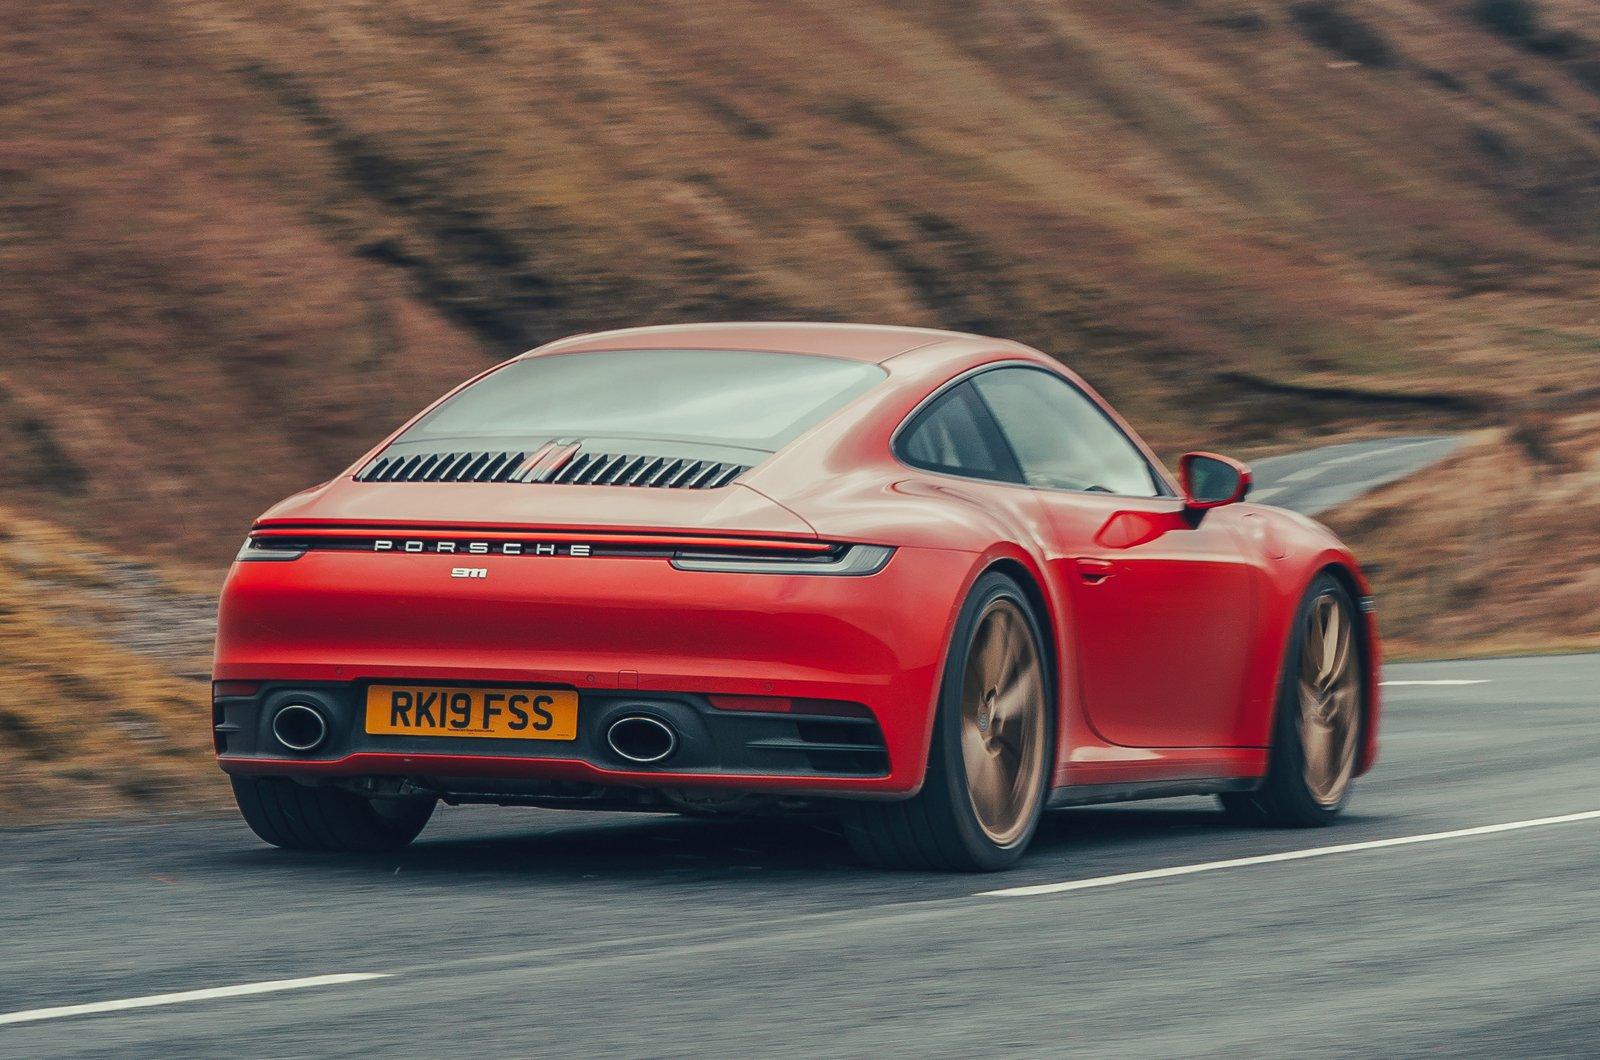 2019 Porsche 911 (992) rear